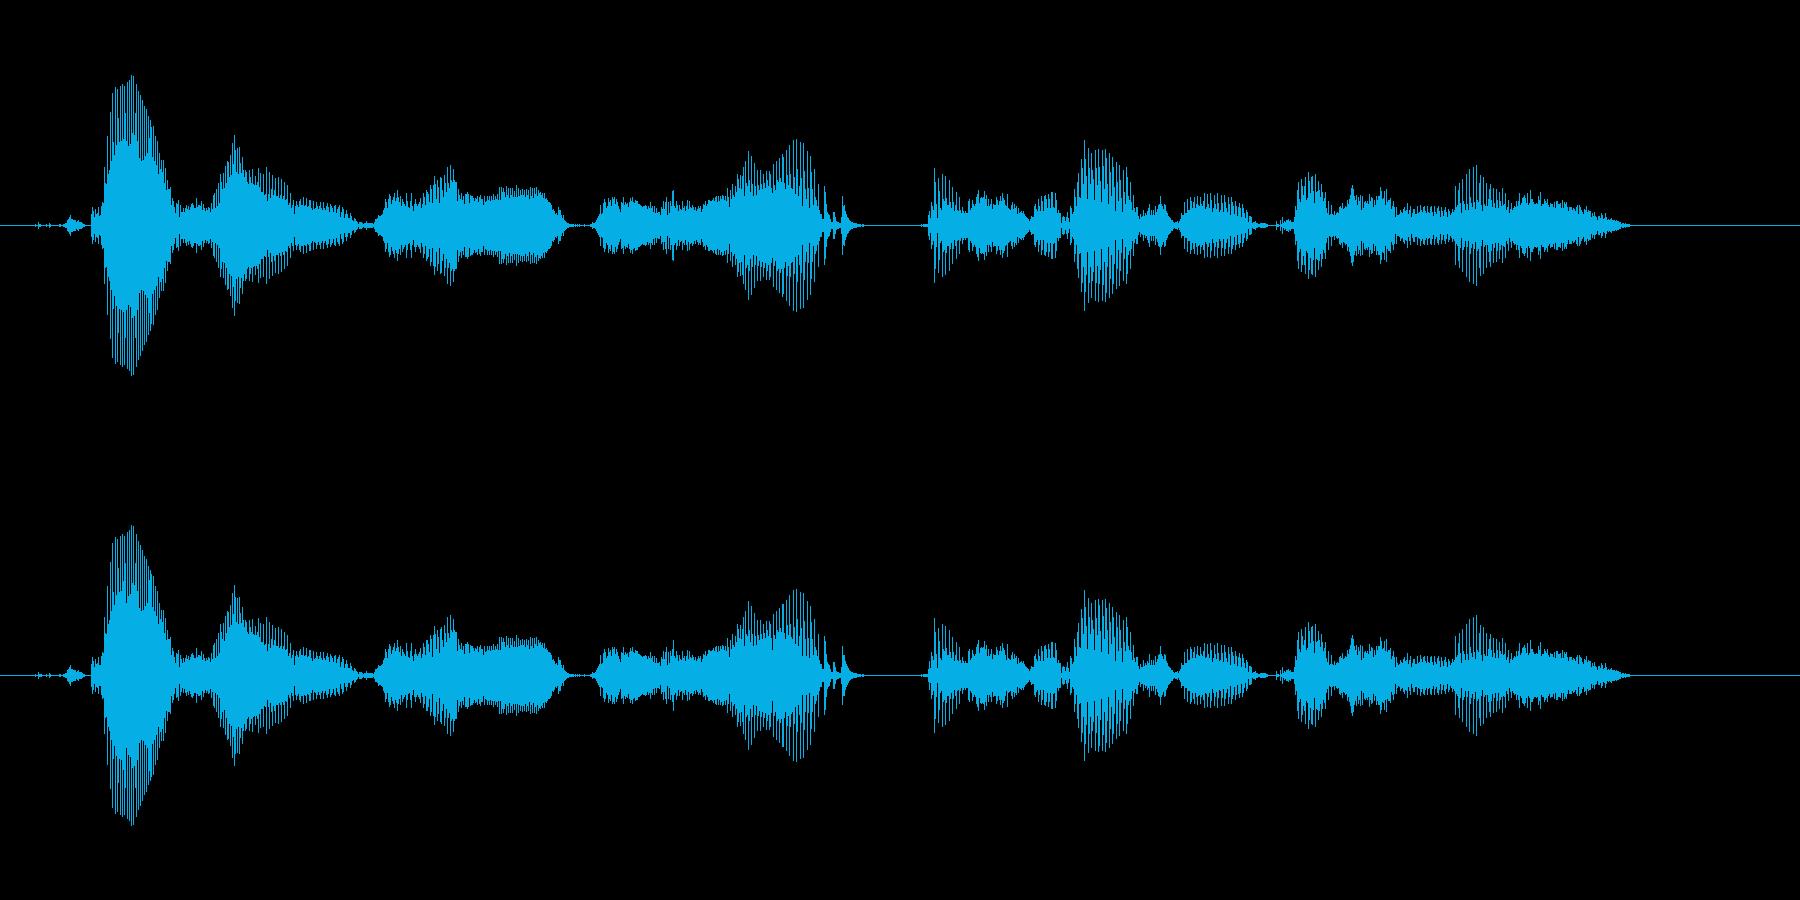 【時報・時間】午前11時を、お知らせい…の再生済みの波形